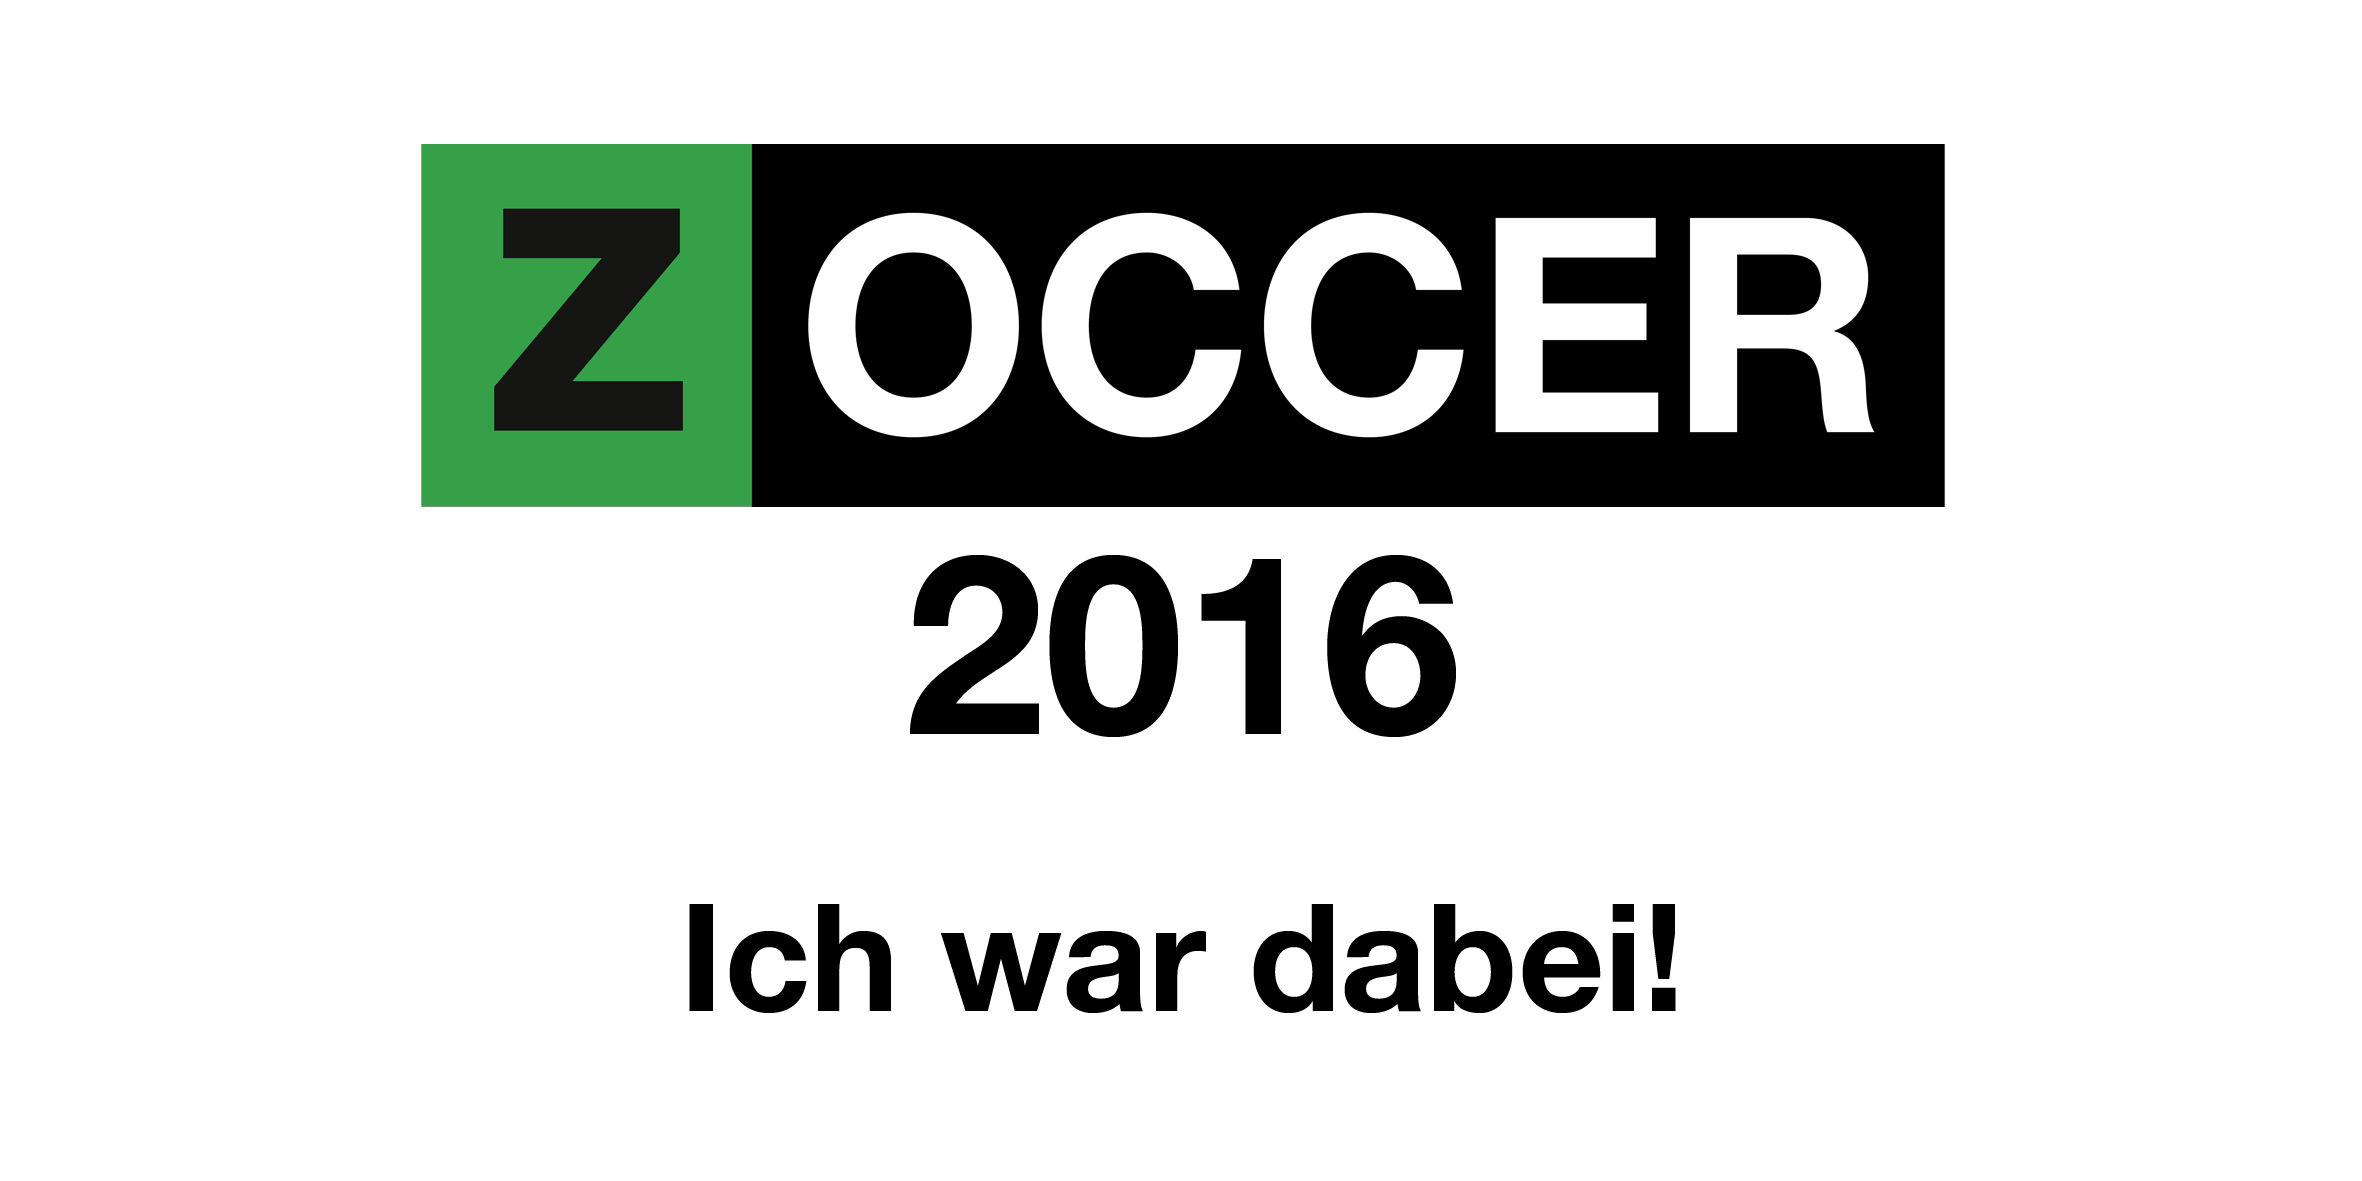 ZPARTNER SAP Demo für EM. Zoccer 2016 - Ich war dabei.